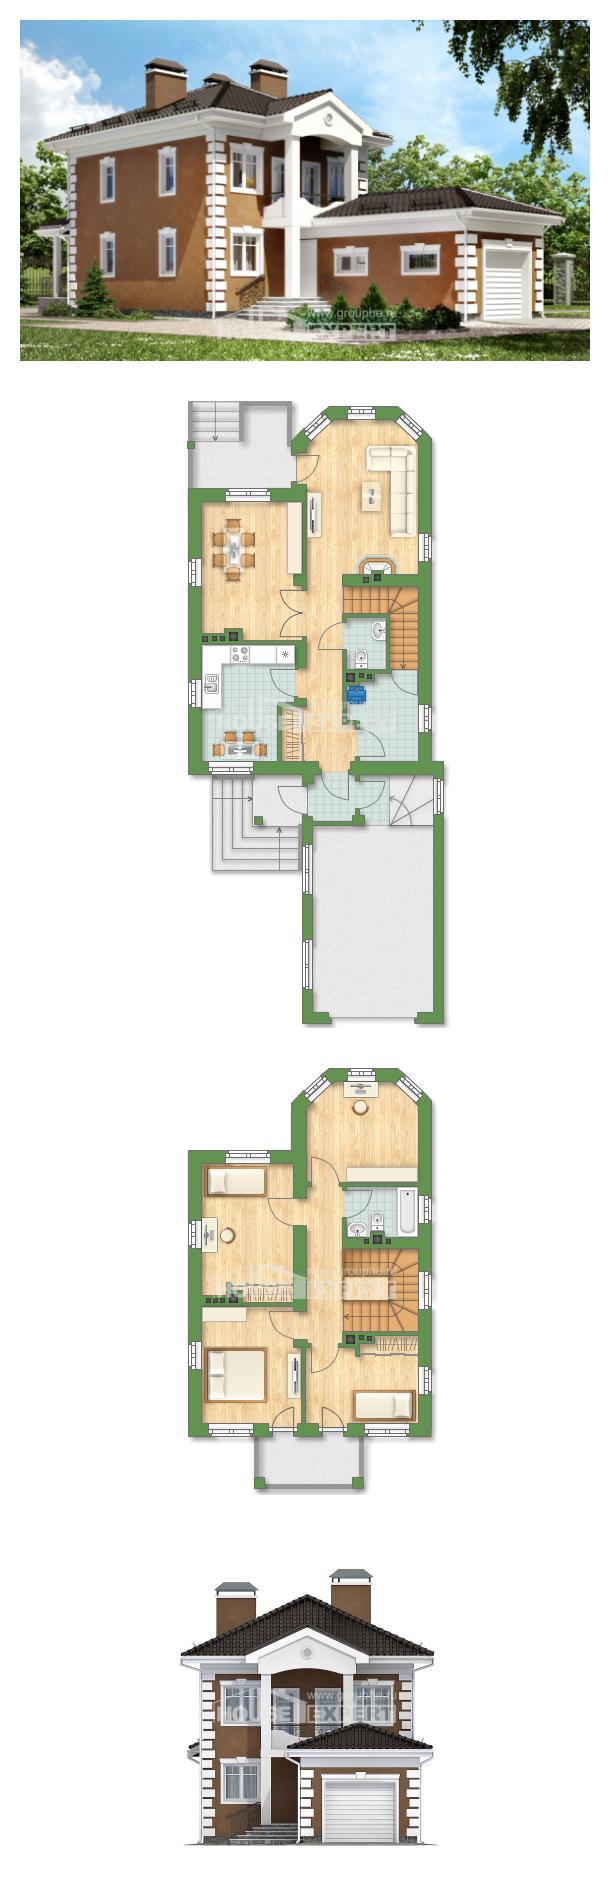 Plan 150-006-R | House Expert